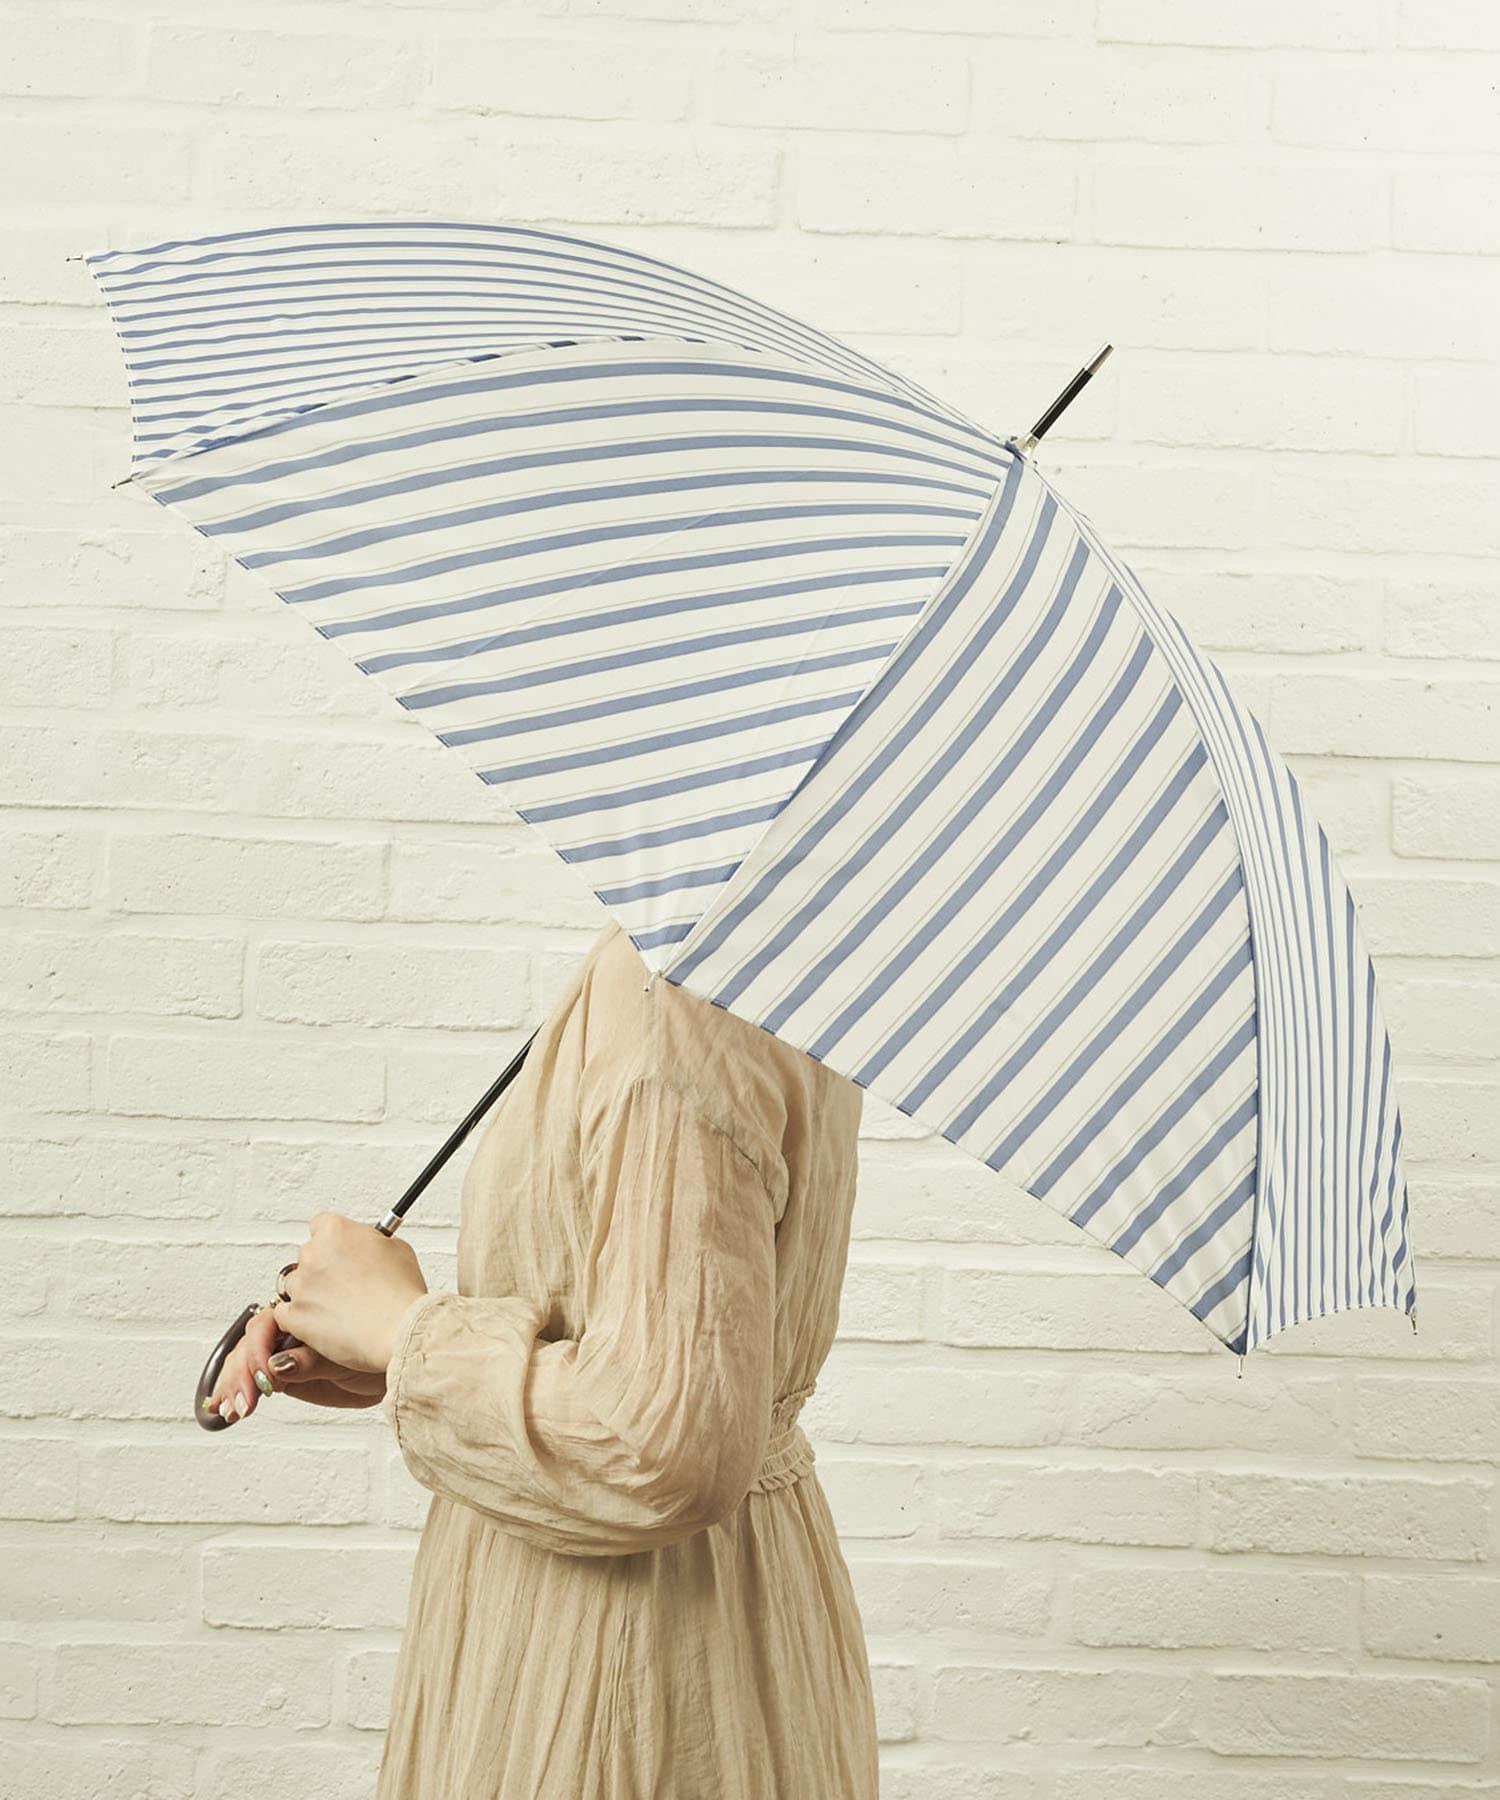 salut!(サリュ) ライフスタイル 雨傘長バイアス(ネイビー) その他